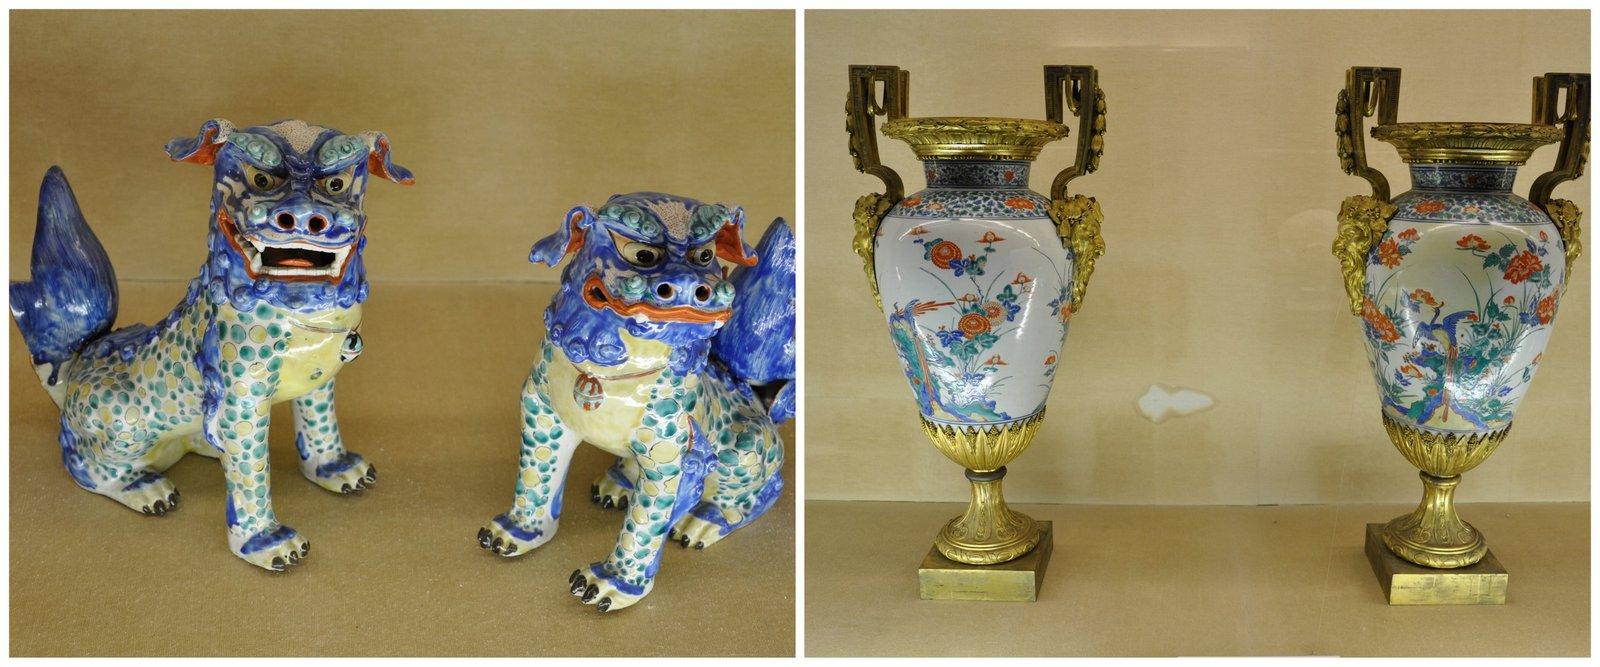 Cerámica en exhibición en el Museo de Cerámica de Kyushu